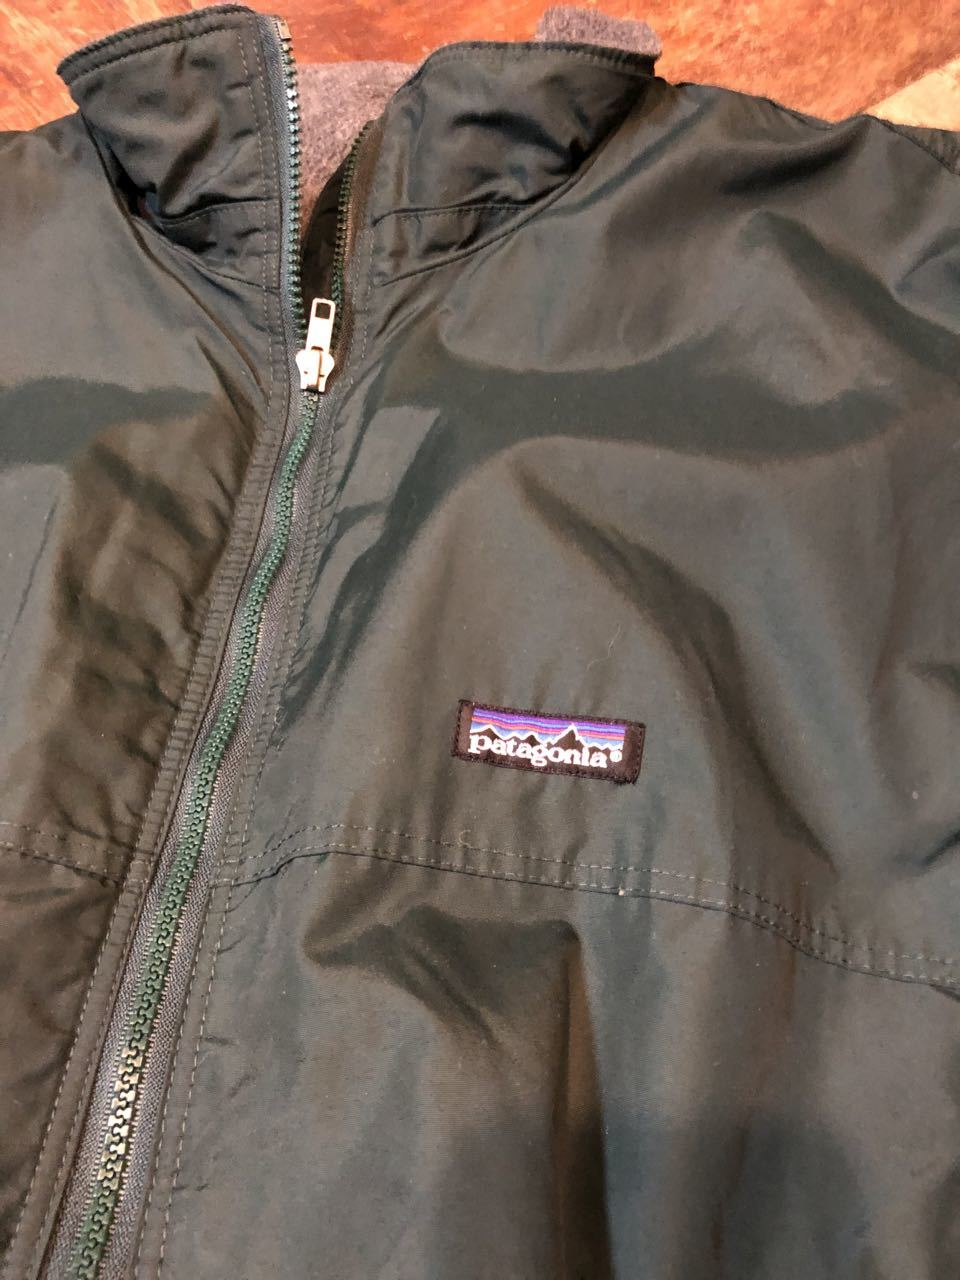 12月7日(土)入荷!1990年 Made in U.S.A  パタゴニア patagonia Jacket !_c0144020_13500886.jpg